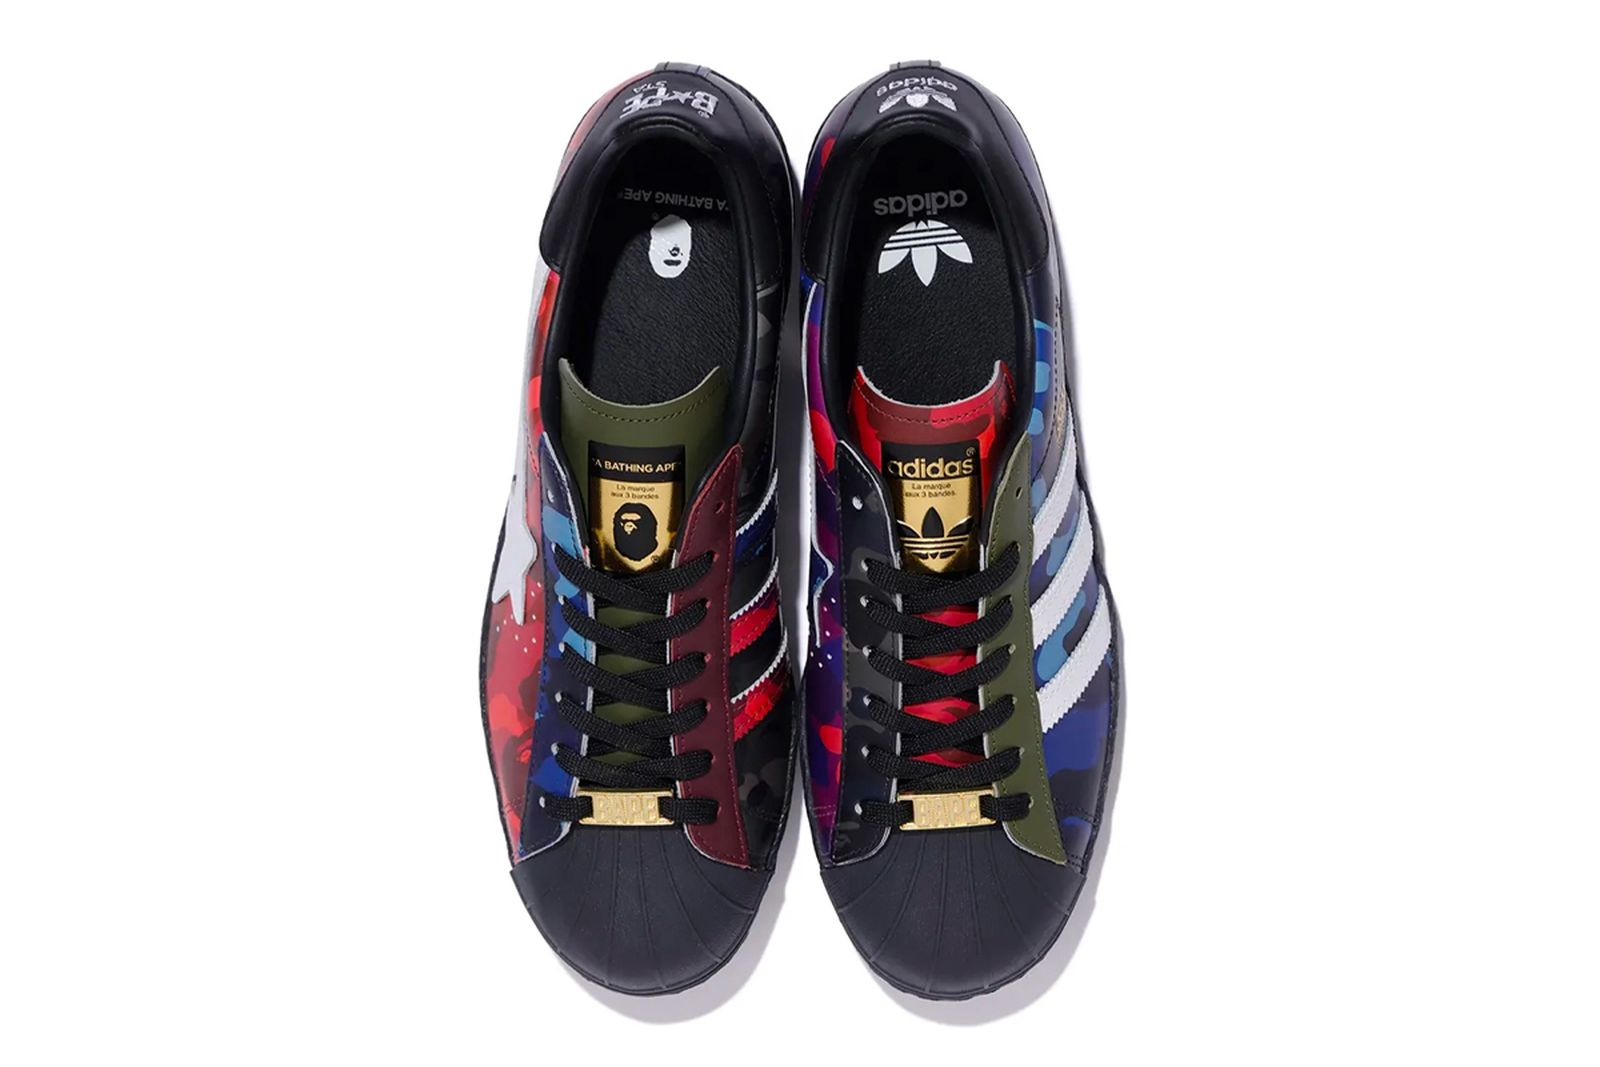 bape-adidas-superstar-2021-release-date-price-10